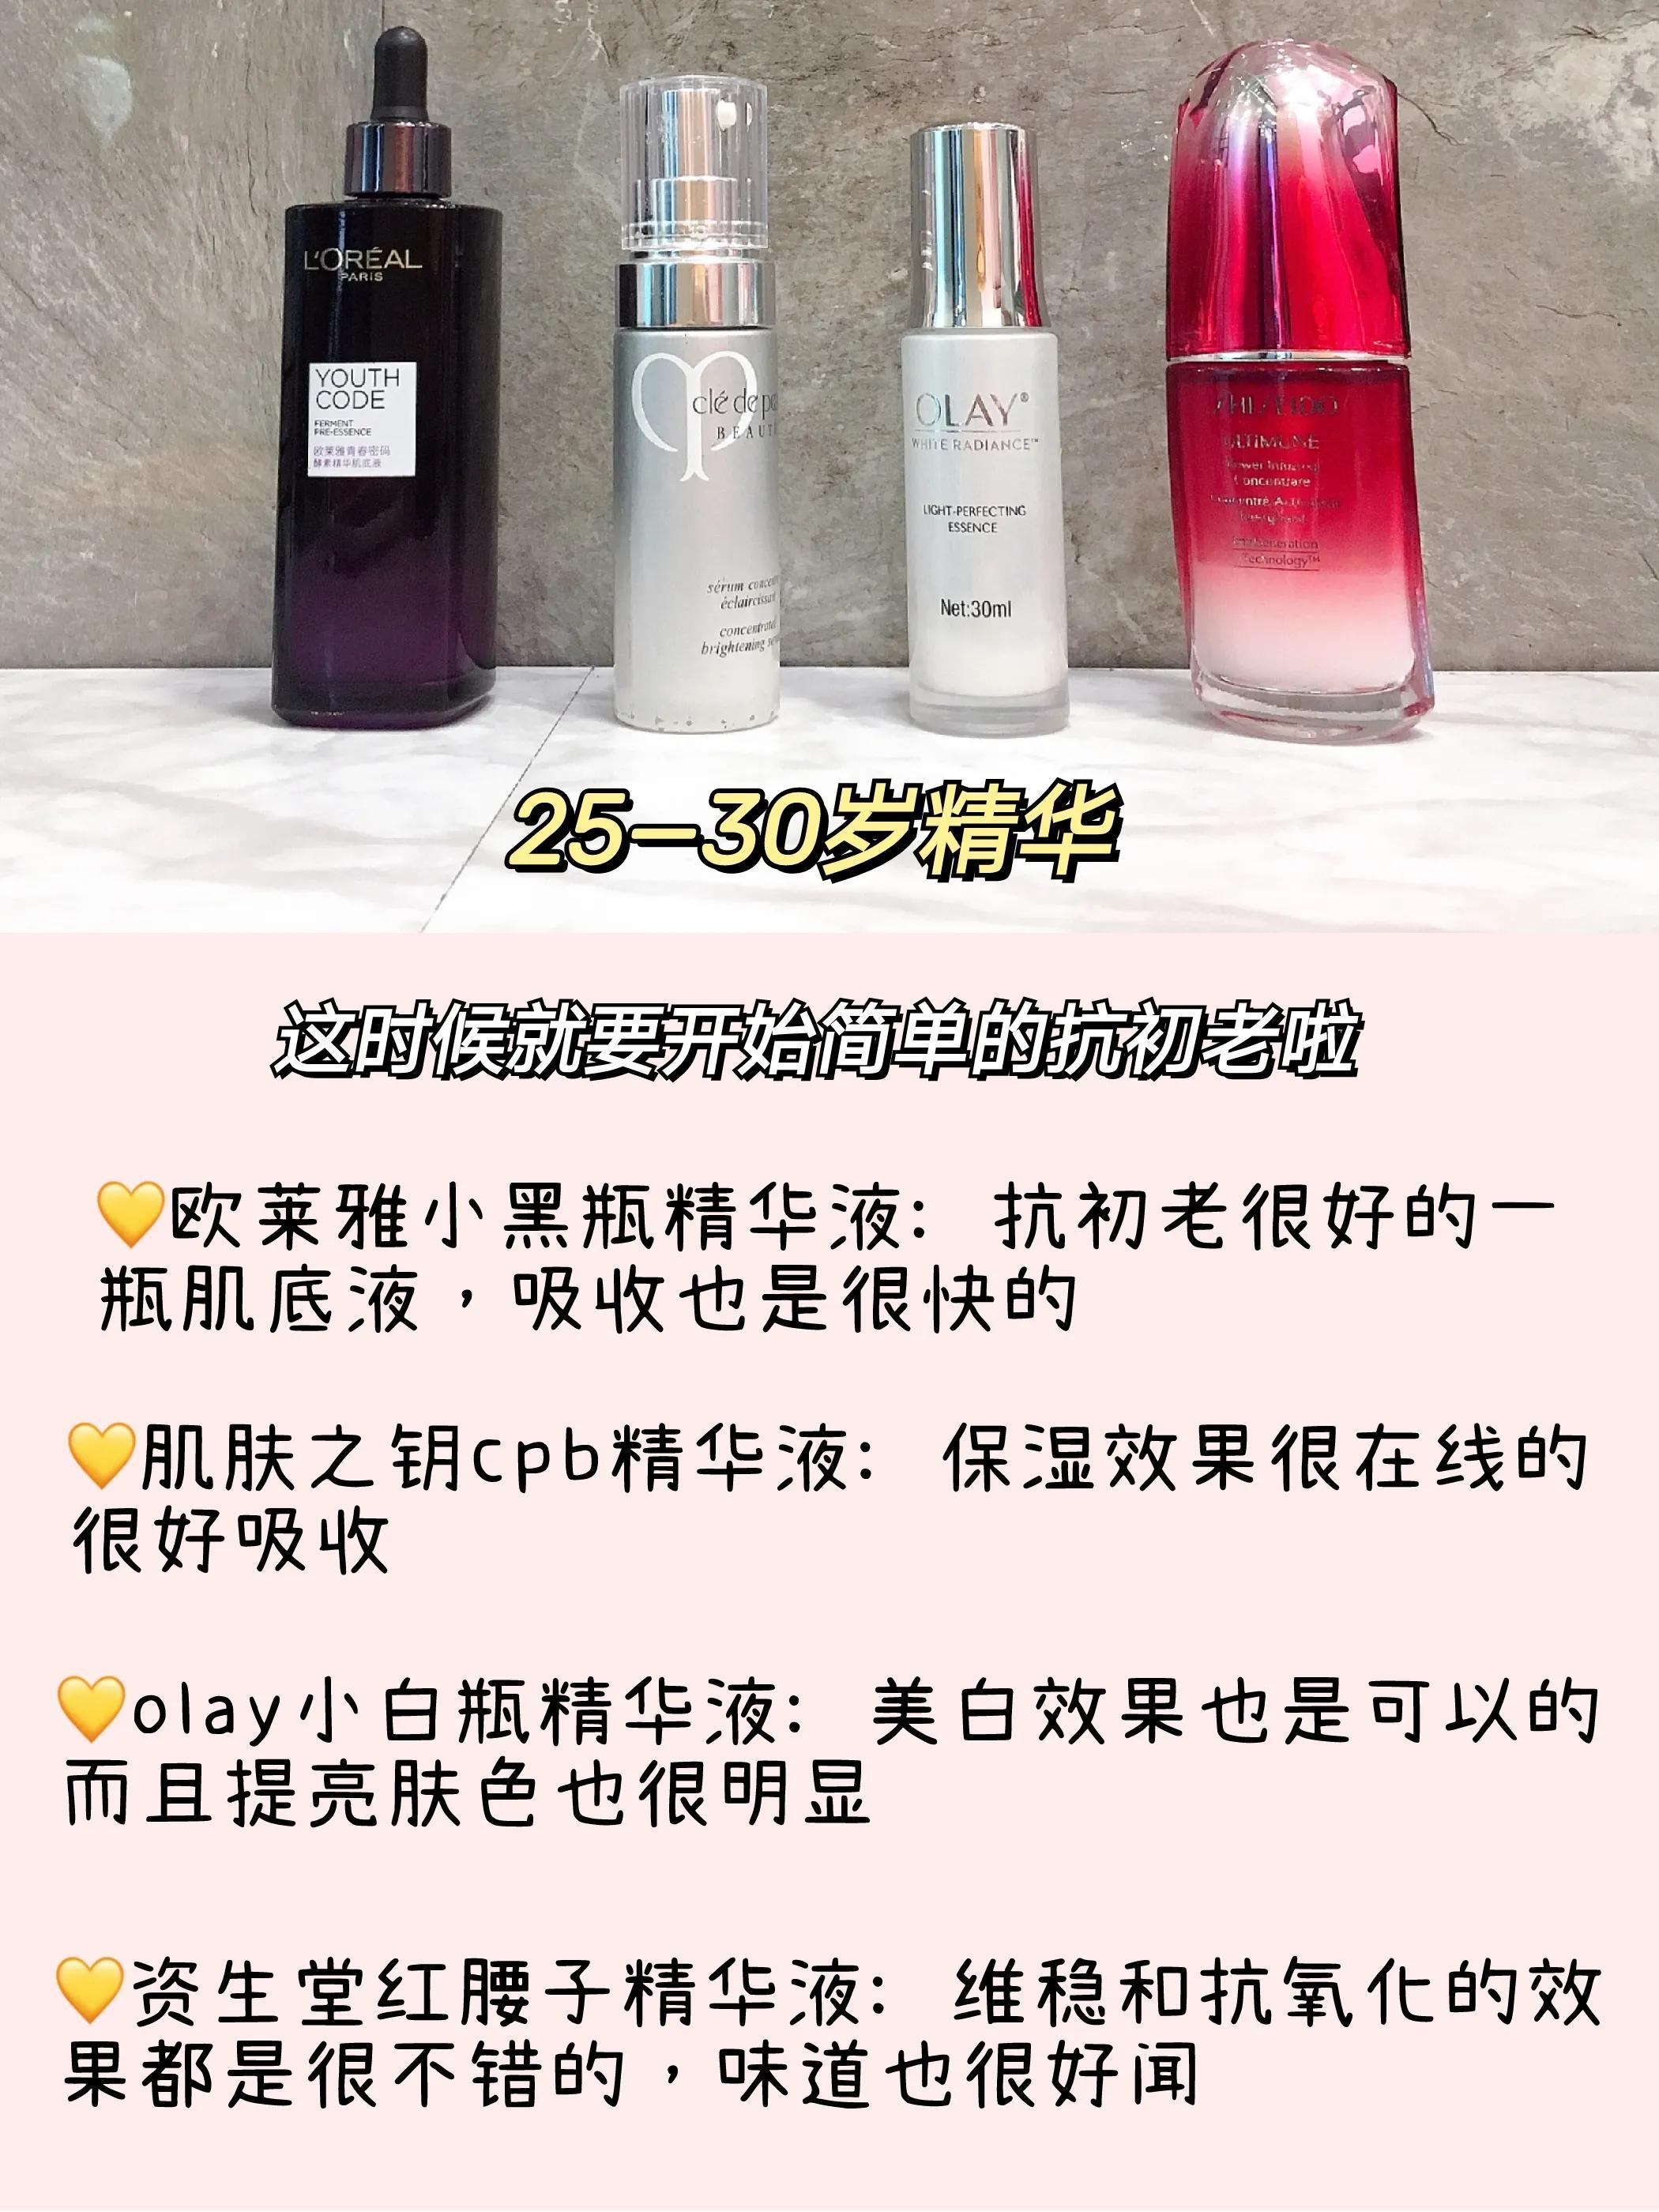 黛珂各系列适合年龄(不同年龄段可以使用的精华液)